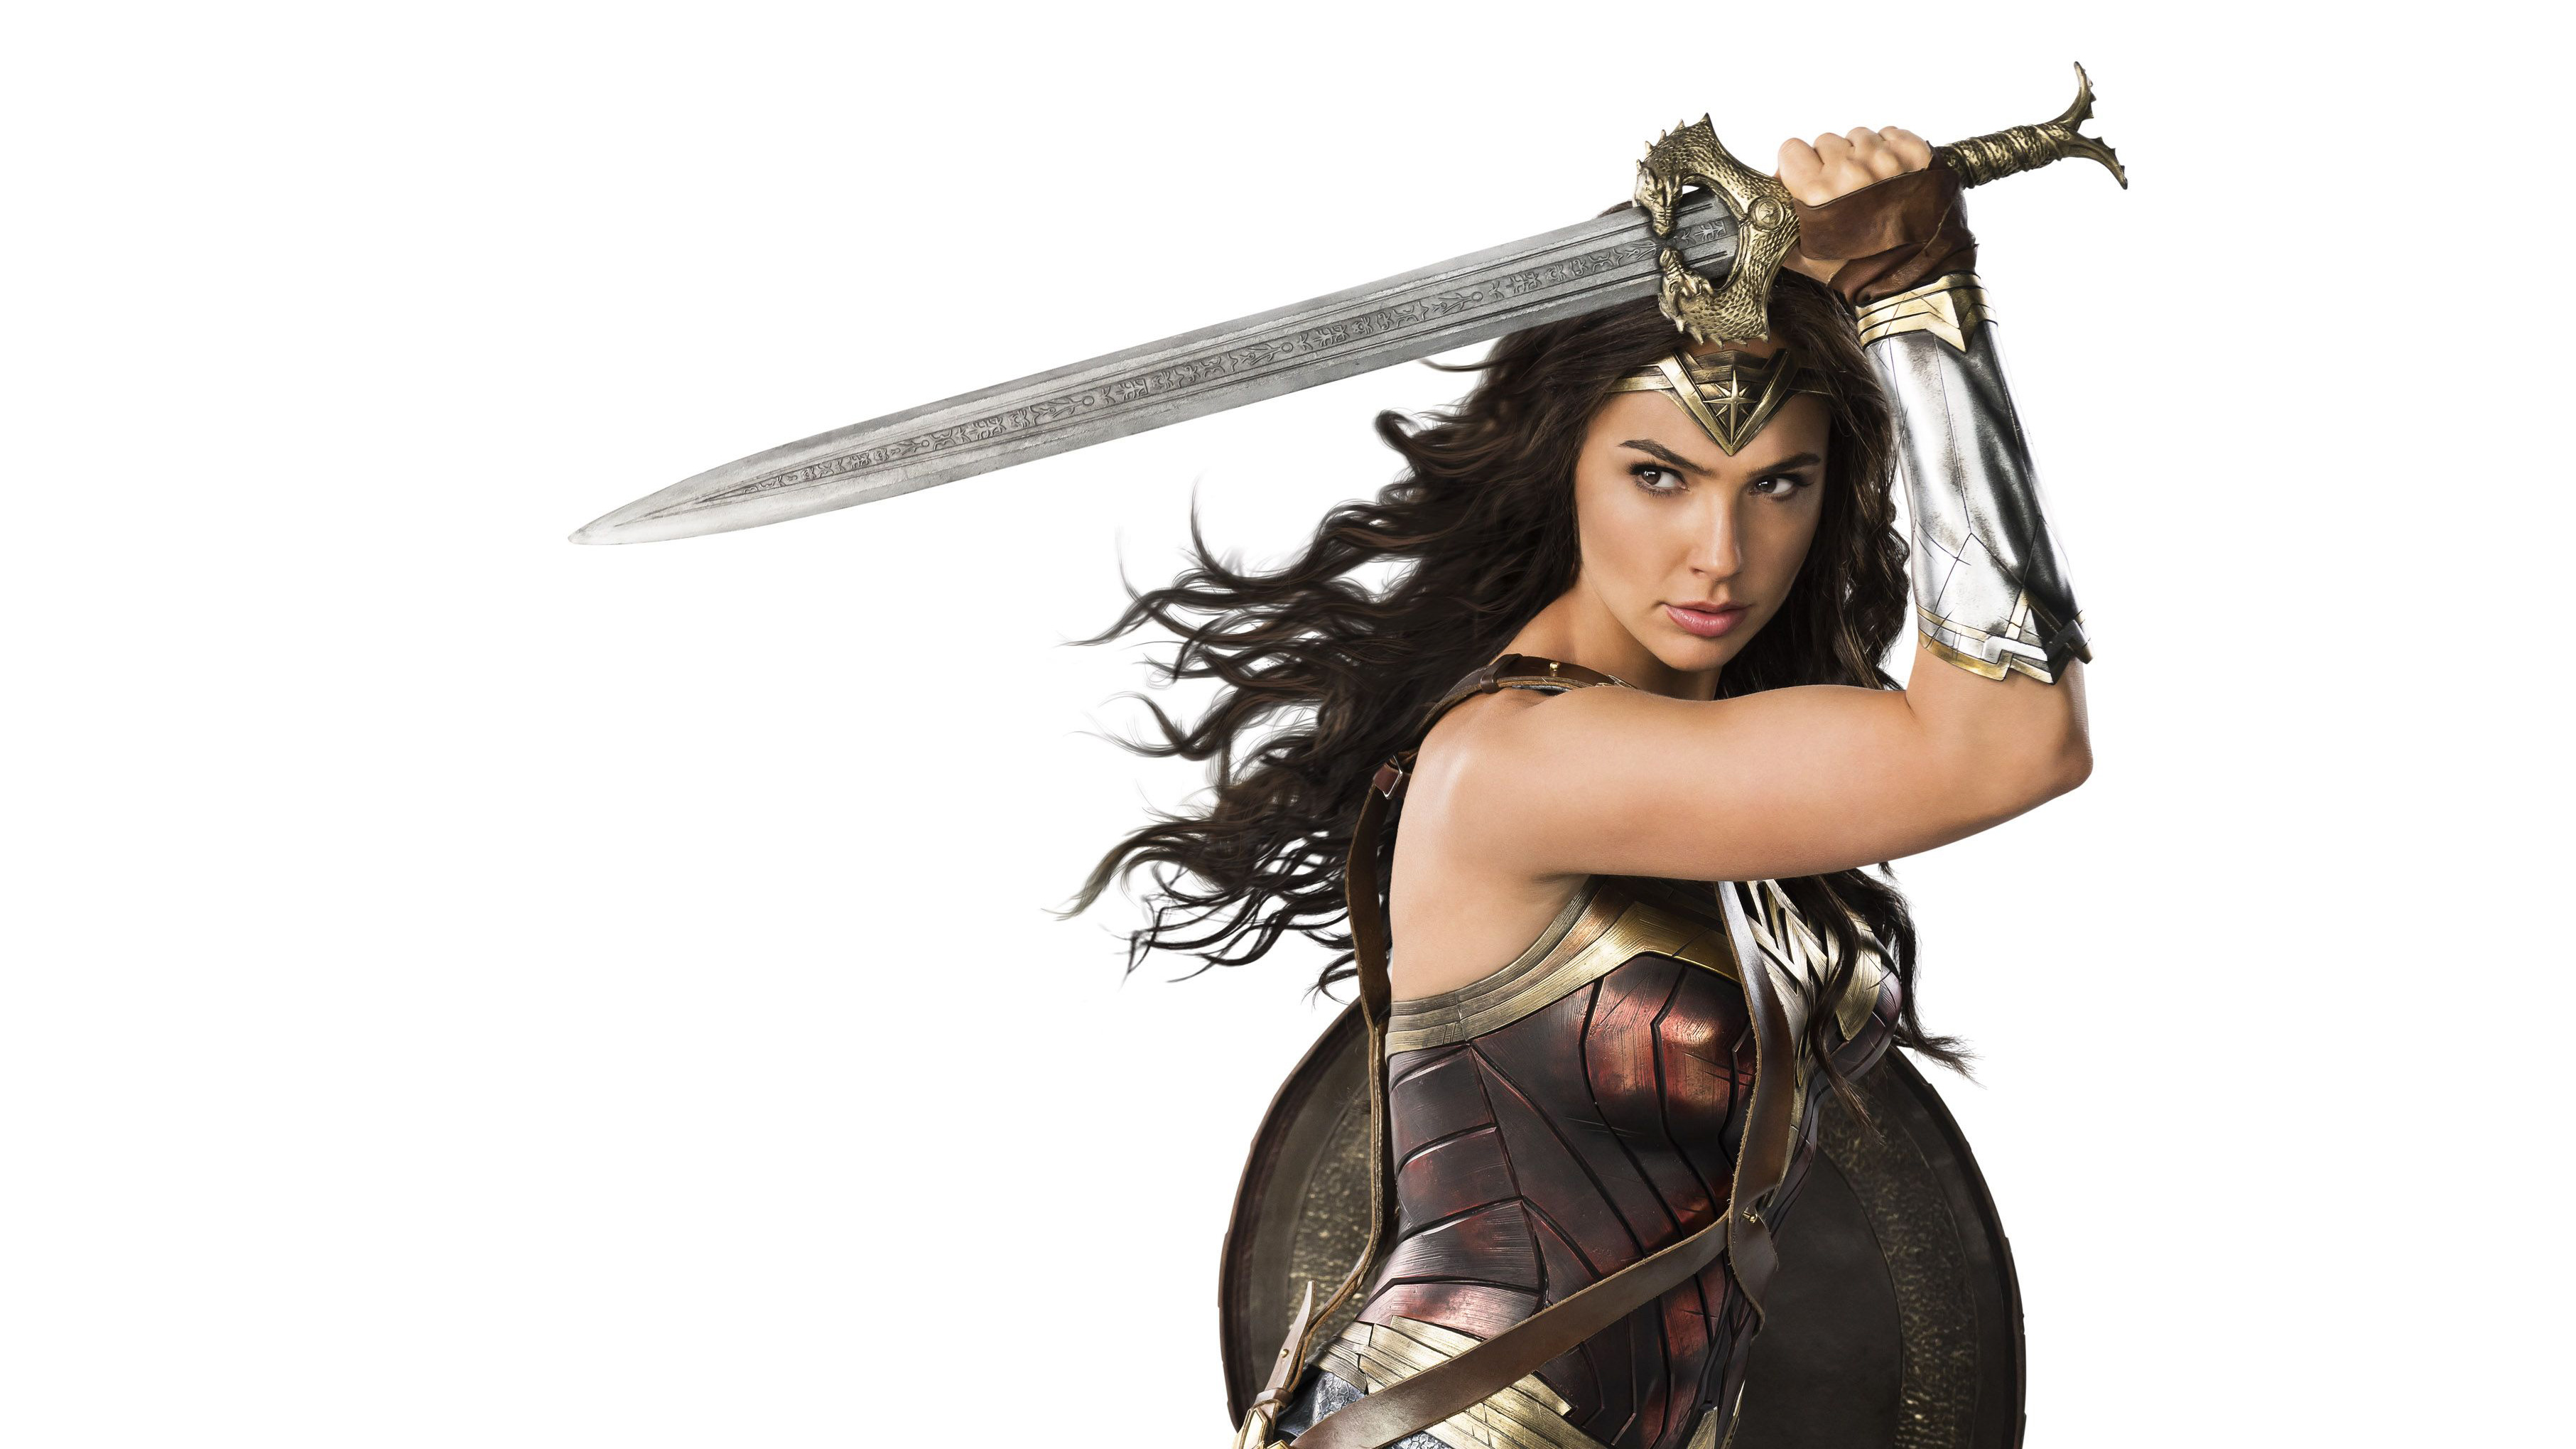 Wallpaper Wonder Woman Hd 4k 8k Movies 9526: 4k Wonder Woman, HD Superheroes, 4k Wallpapers, Images